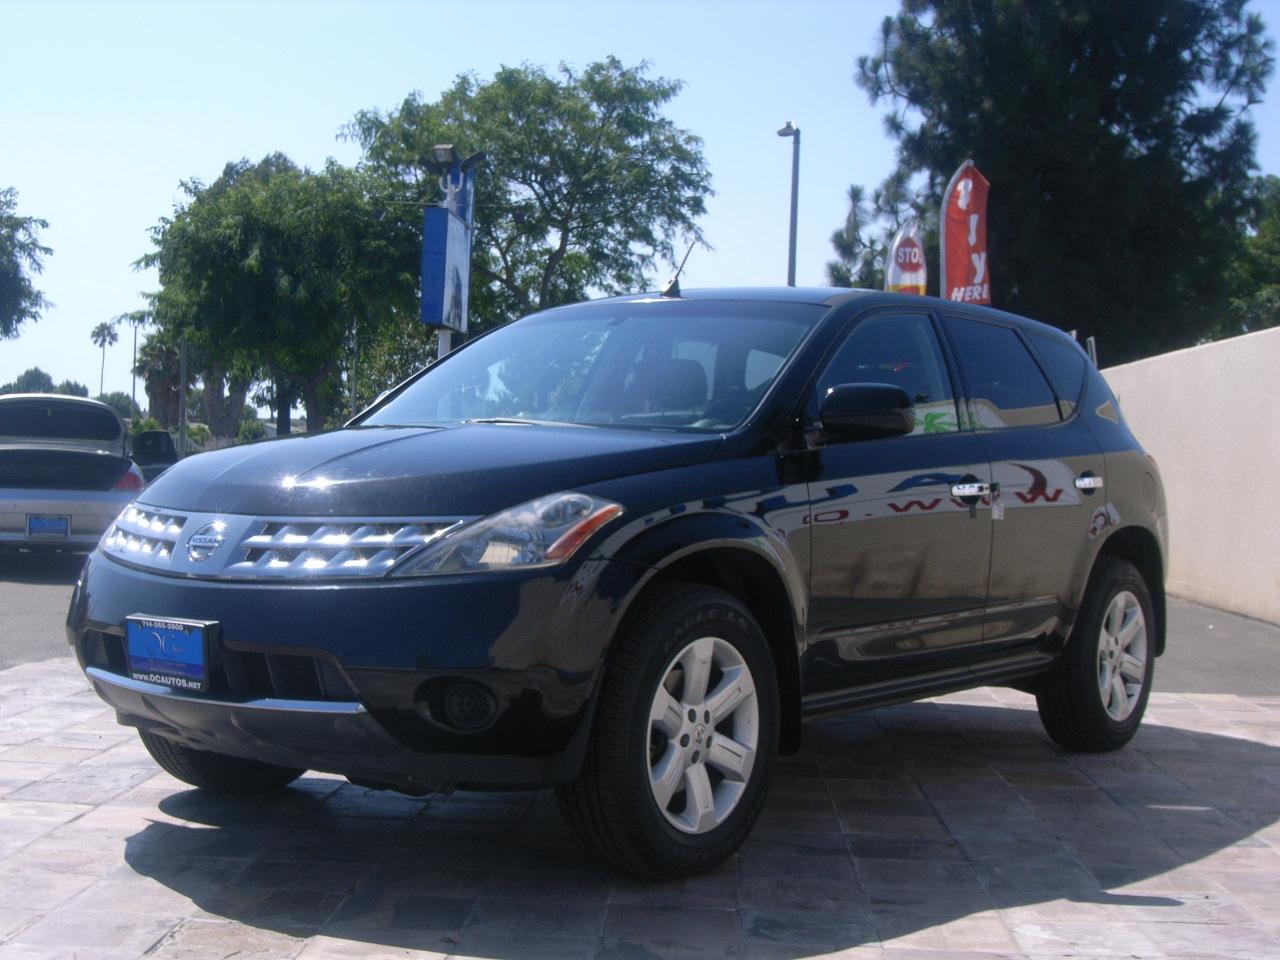 2006 Nissan Murano Pictures Cargurus